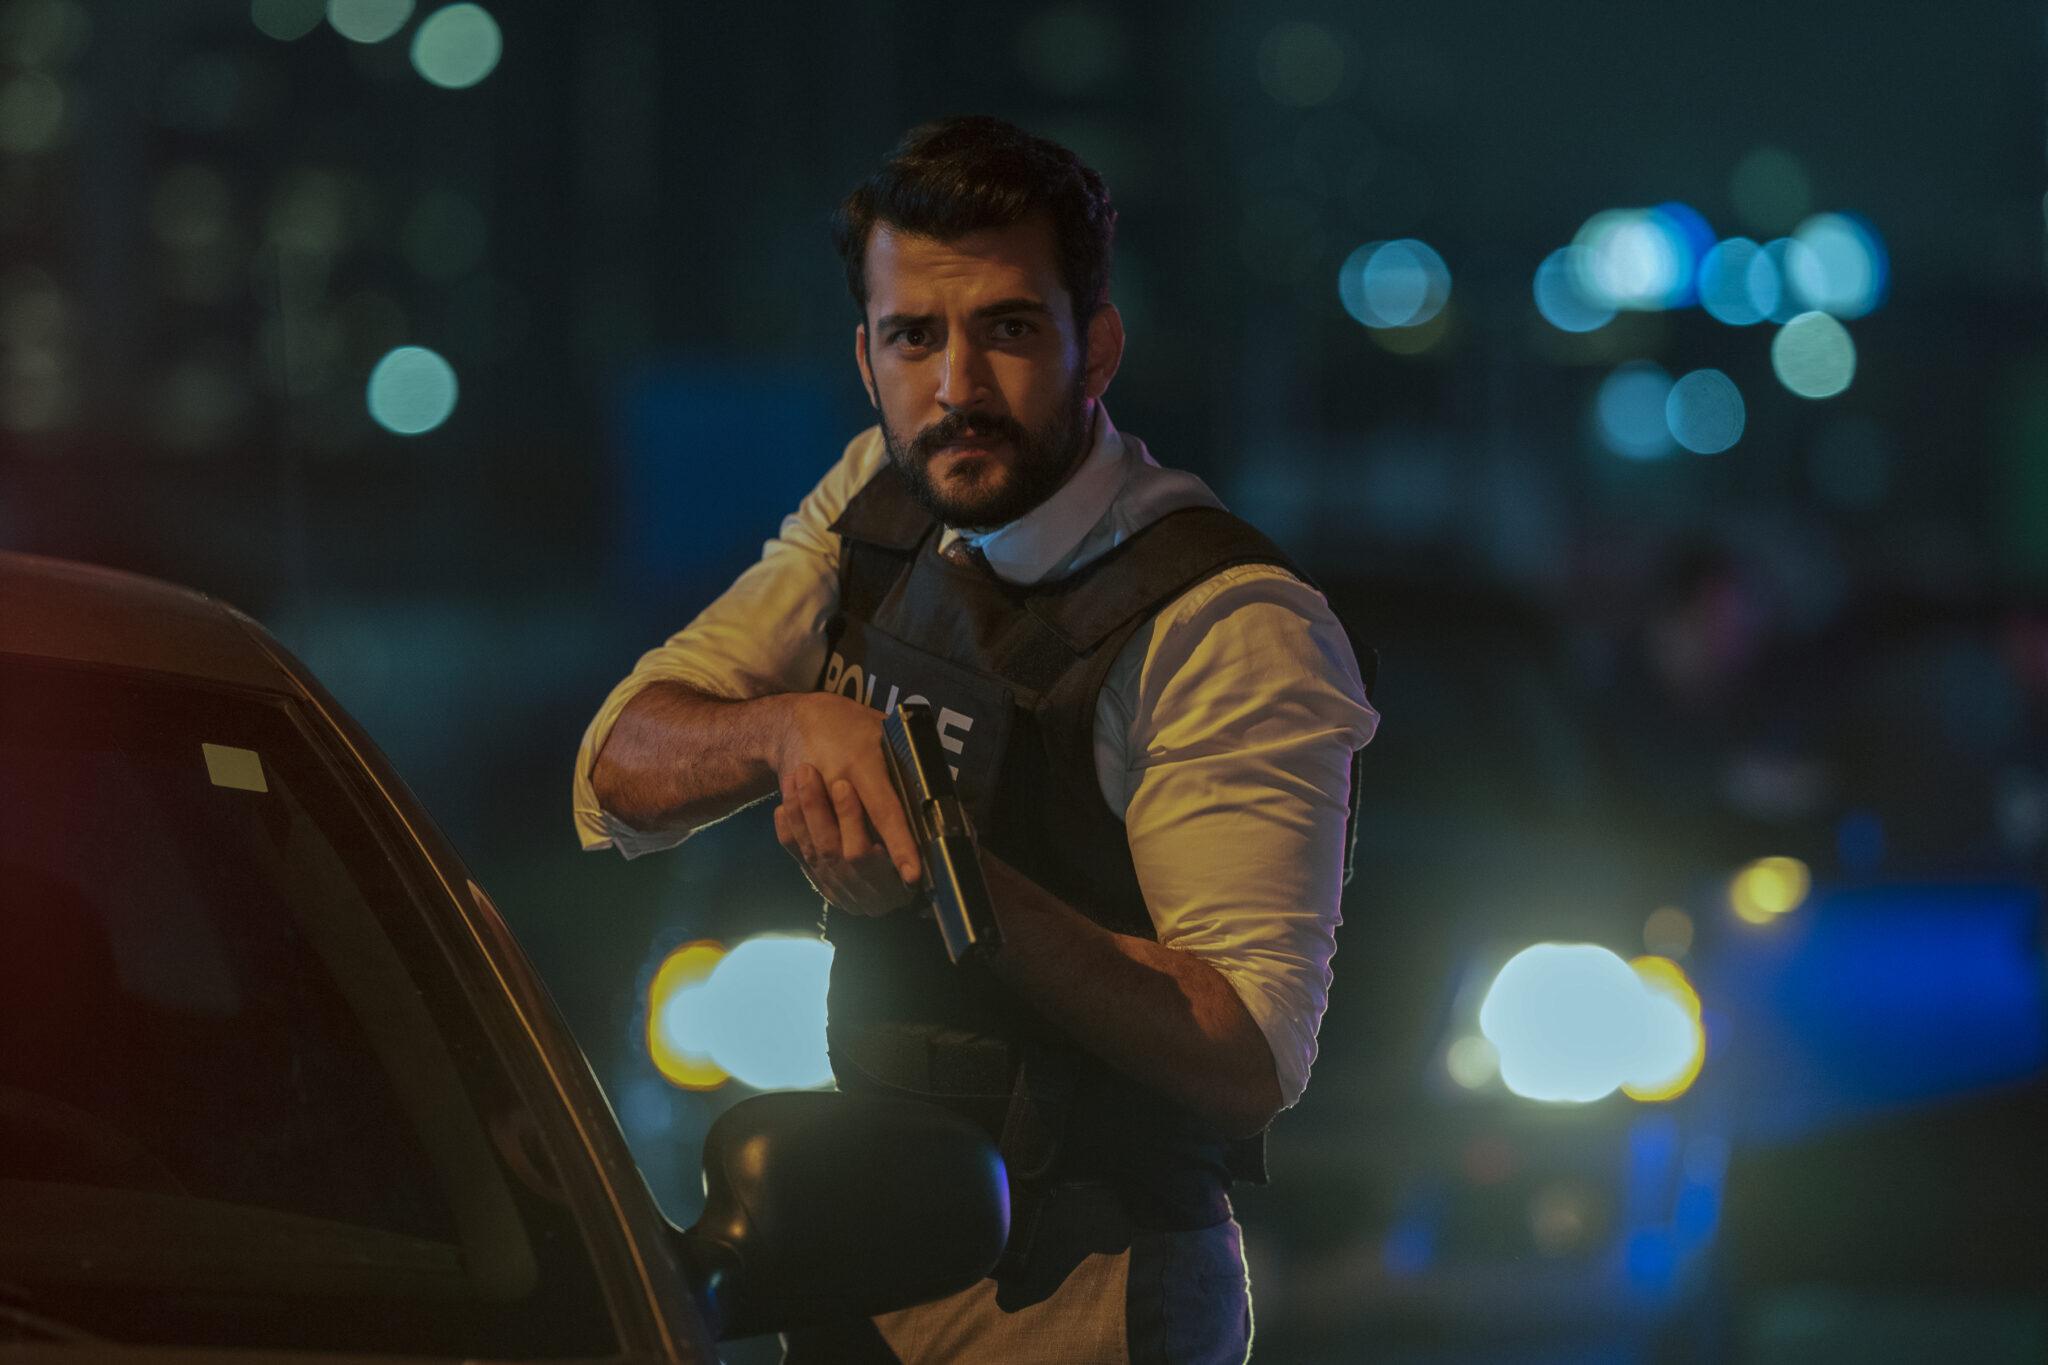 Phoenix Raei als Polizist in Clickbait. Er steht im Dunkeln neben einem Auto mit Schussweste und Pistole im Anschlag.